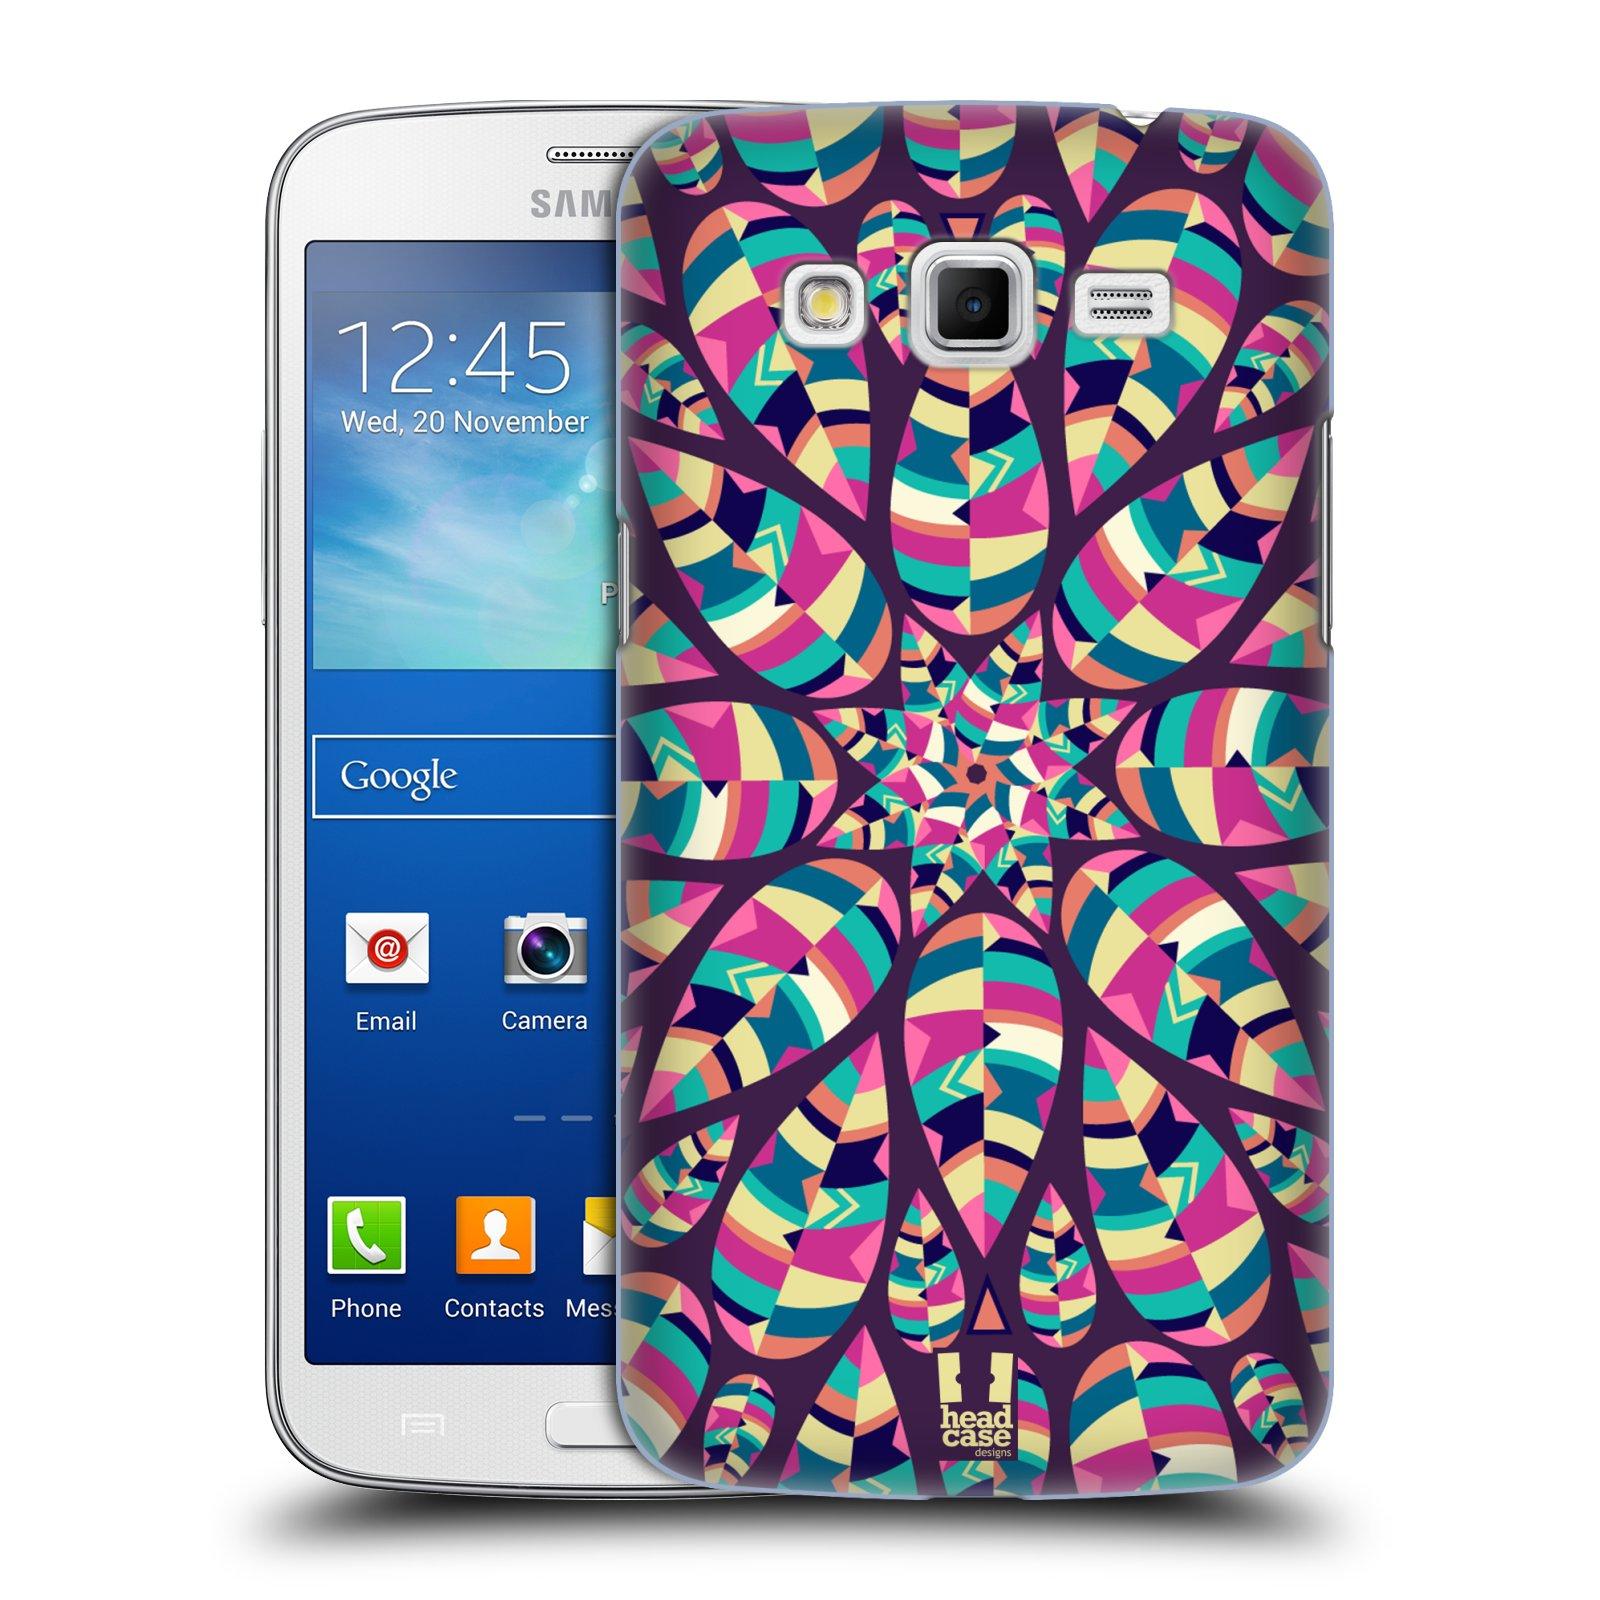 Plastové pouzdro na mobil Samsung Galaxy Grand 2 HEAD CASE SHINE (Kryt či obal na mobilní telefon Samsung Galaxy Grand 2 LTE SM-G7105 a Samsung Galaxy Grand 2 Duos SM-G7102)